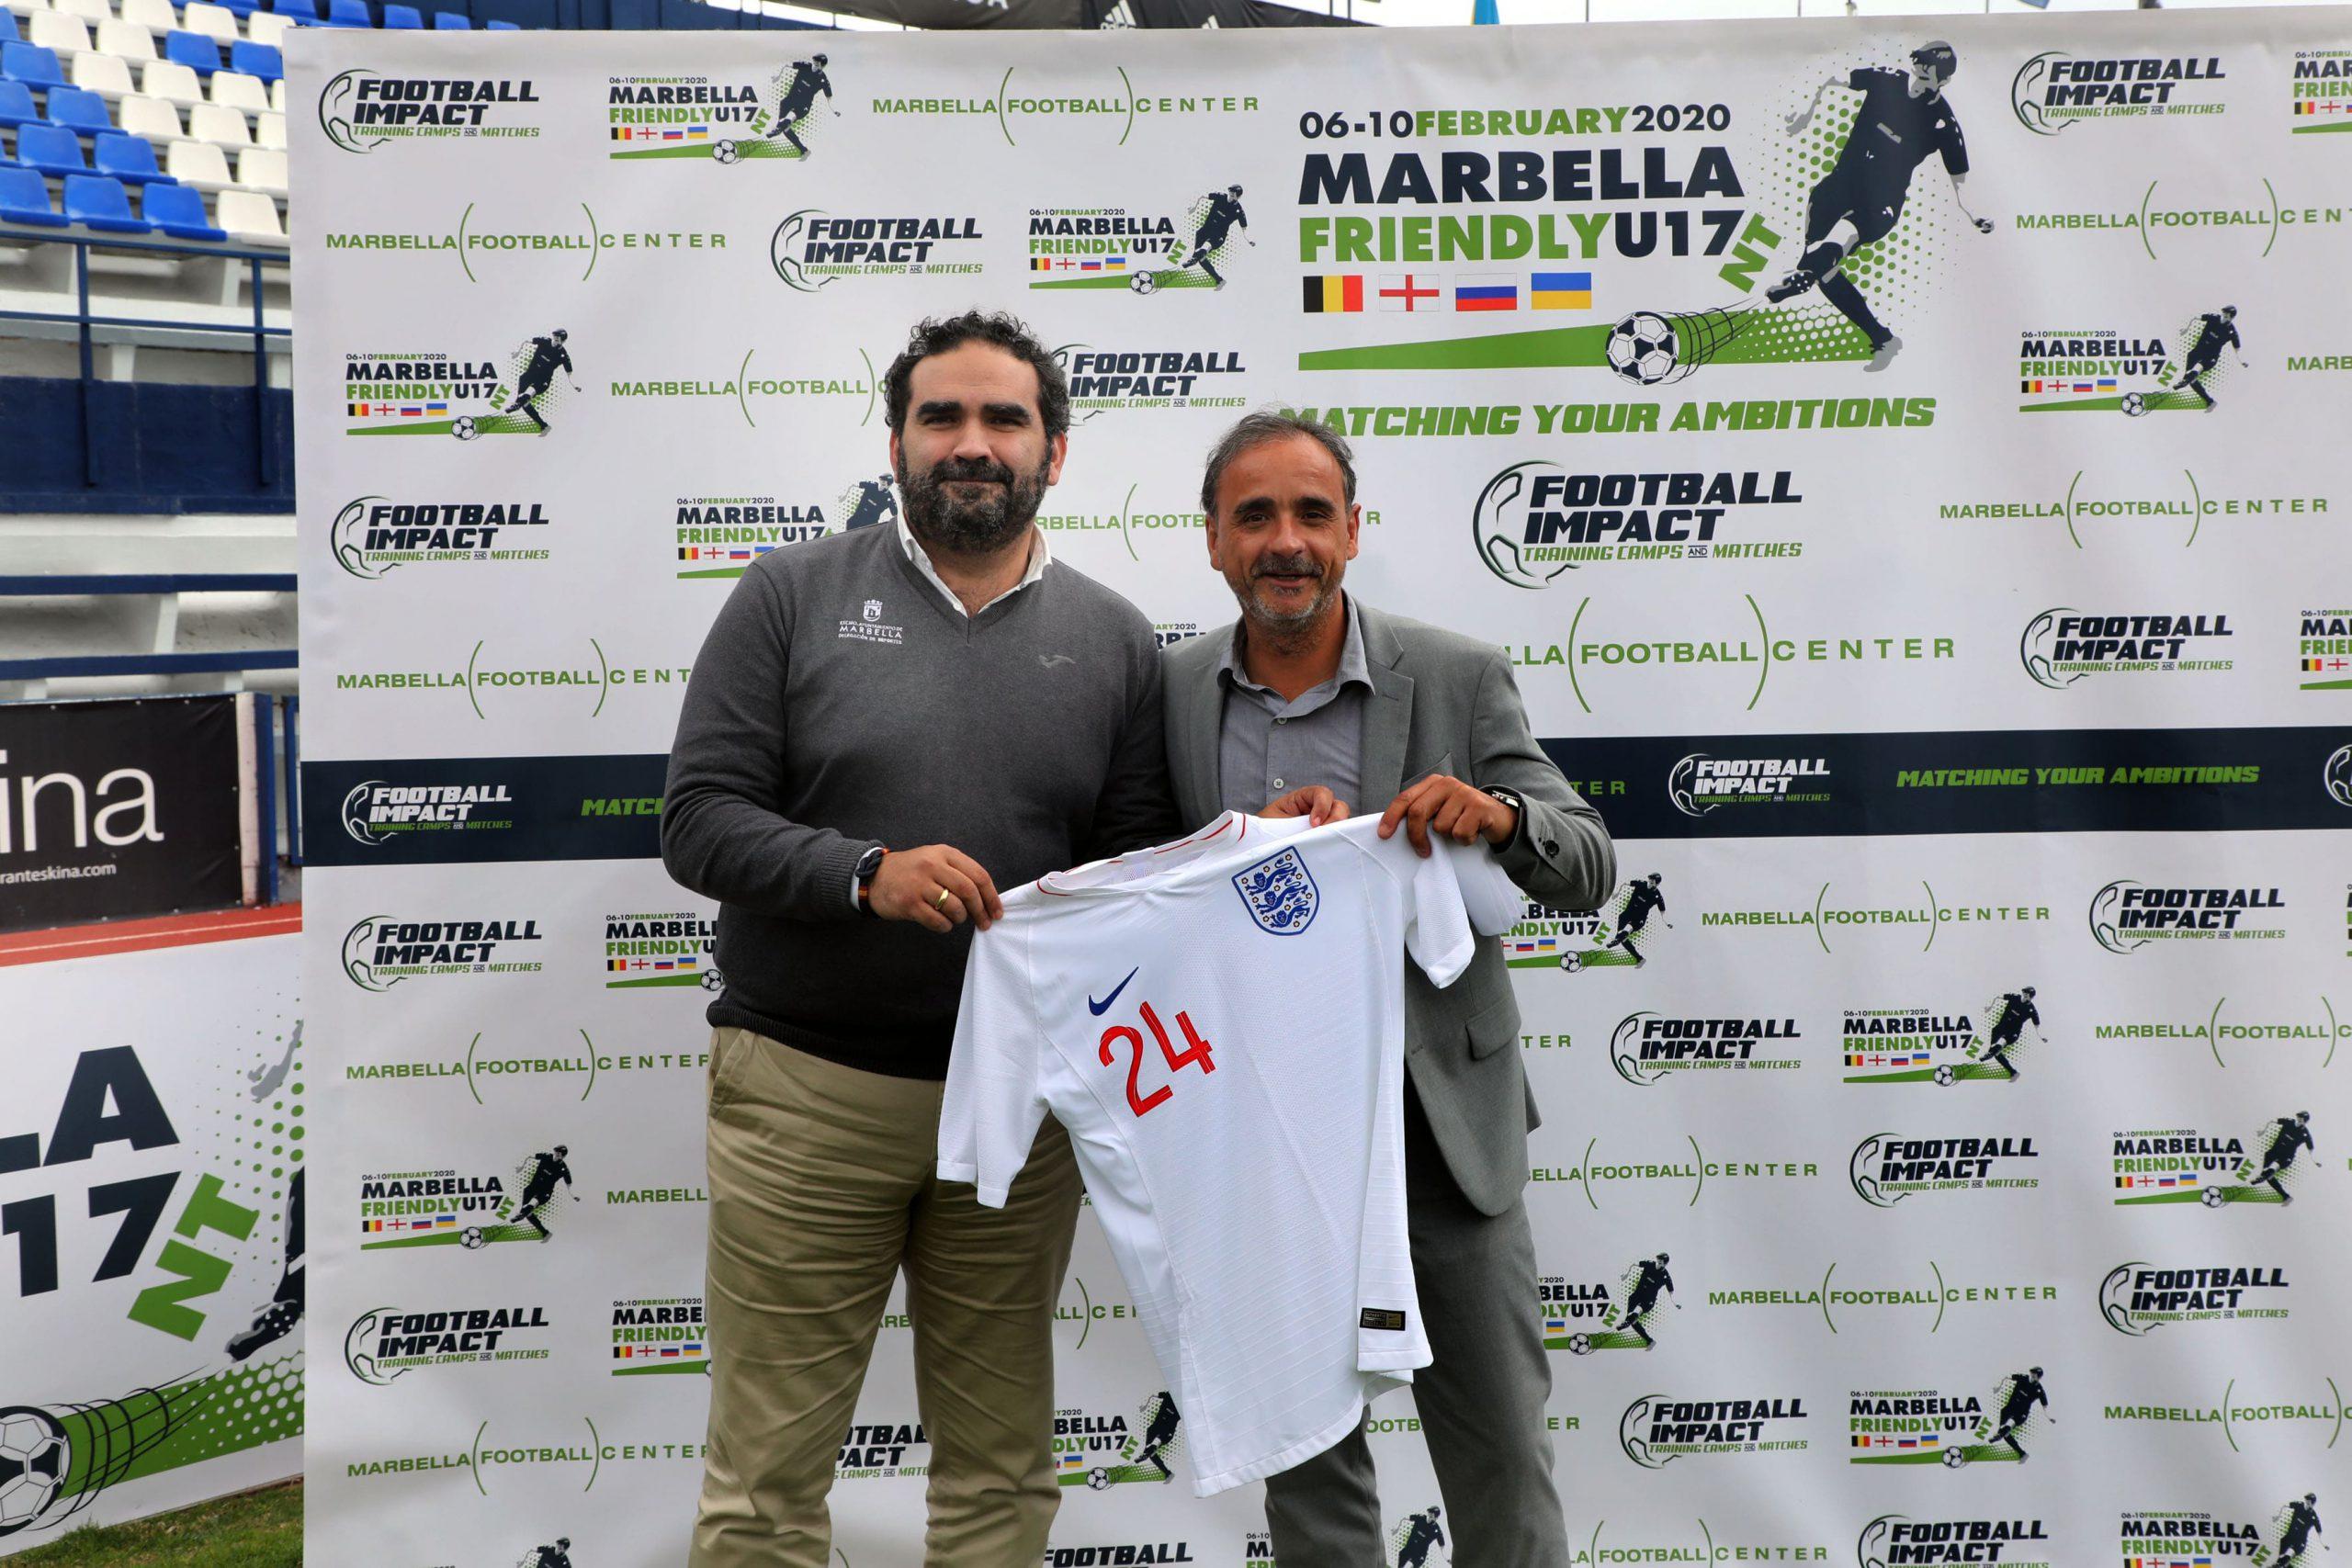 Marbella acogerá la 'Friendly Match Week' con ocho partidos amistosos